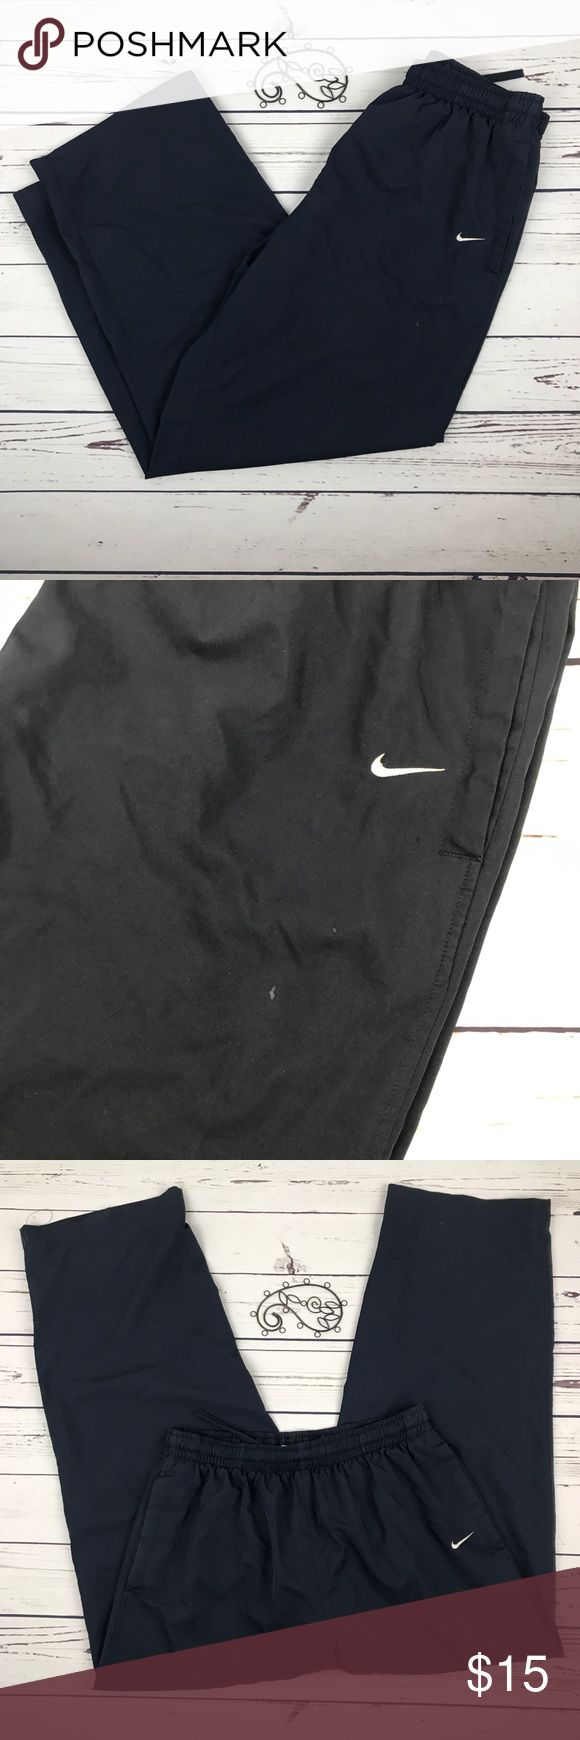 Nike Mens Active Black Pants Just Do It Size Large Nike Men's pants size large. Has pockets and wide leg. EUC Nike Pants Sweatpants & Joggers